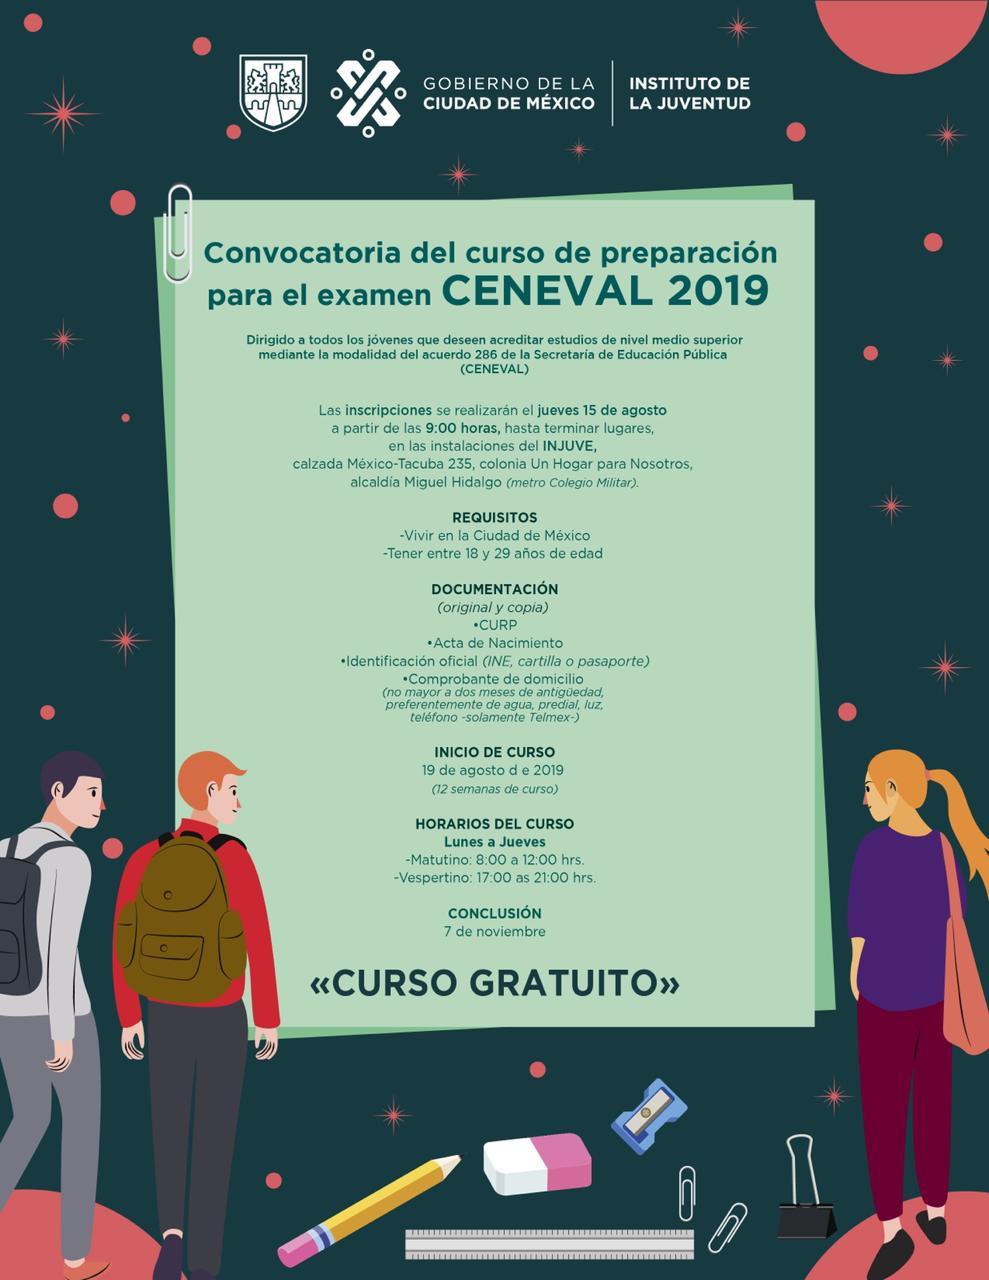 INJUVE: Curso de 12 Semanas Gratis de Preparación Para el Examen CENEVAL (CDMX)